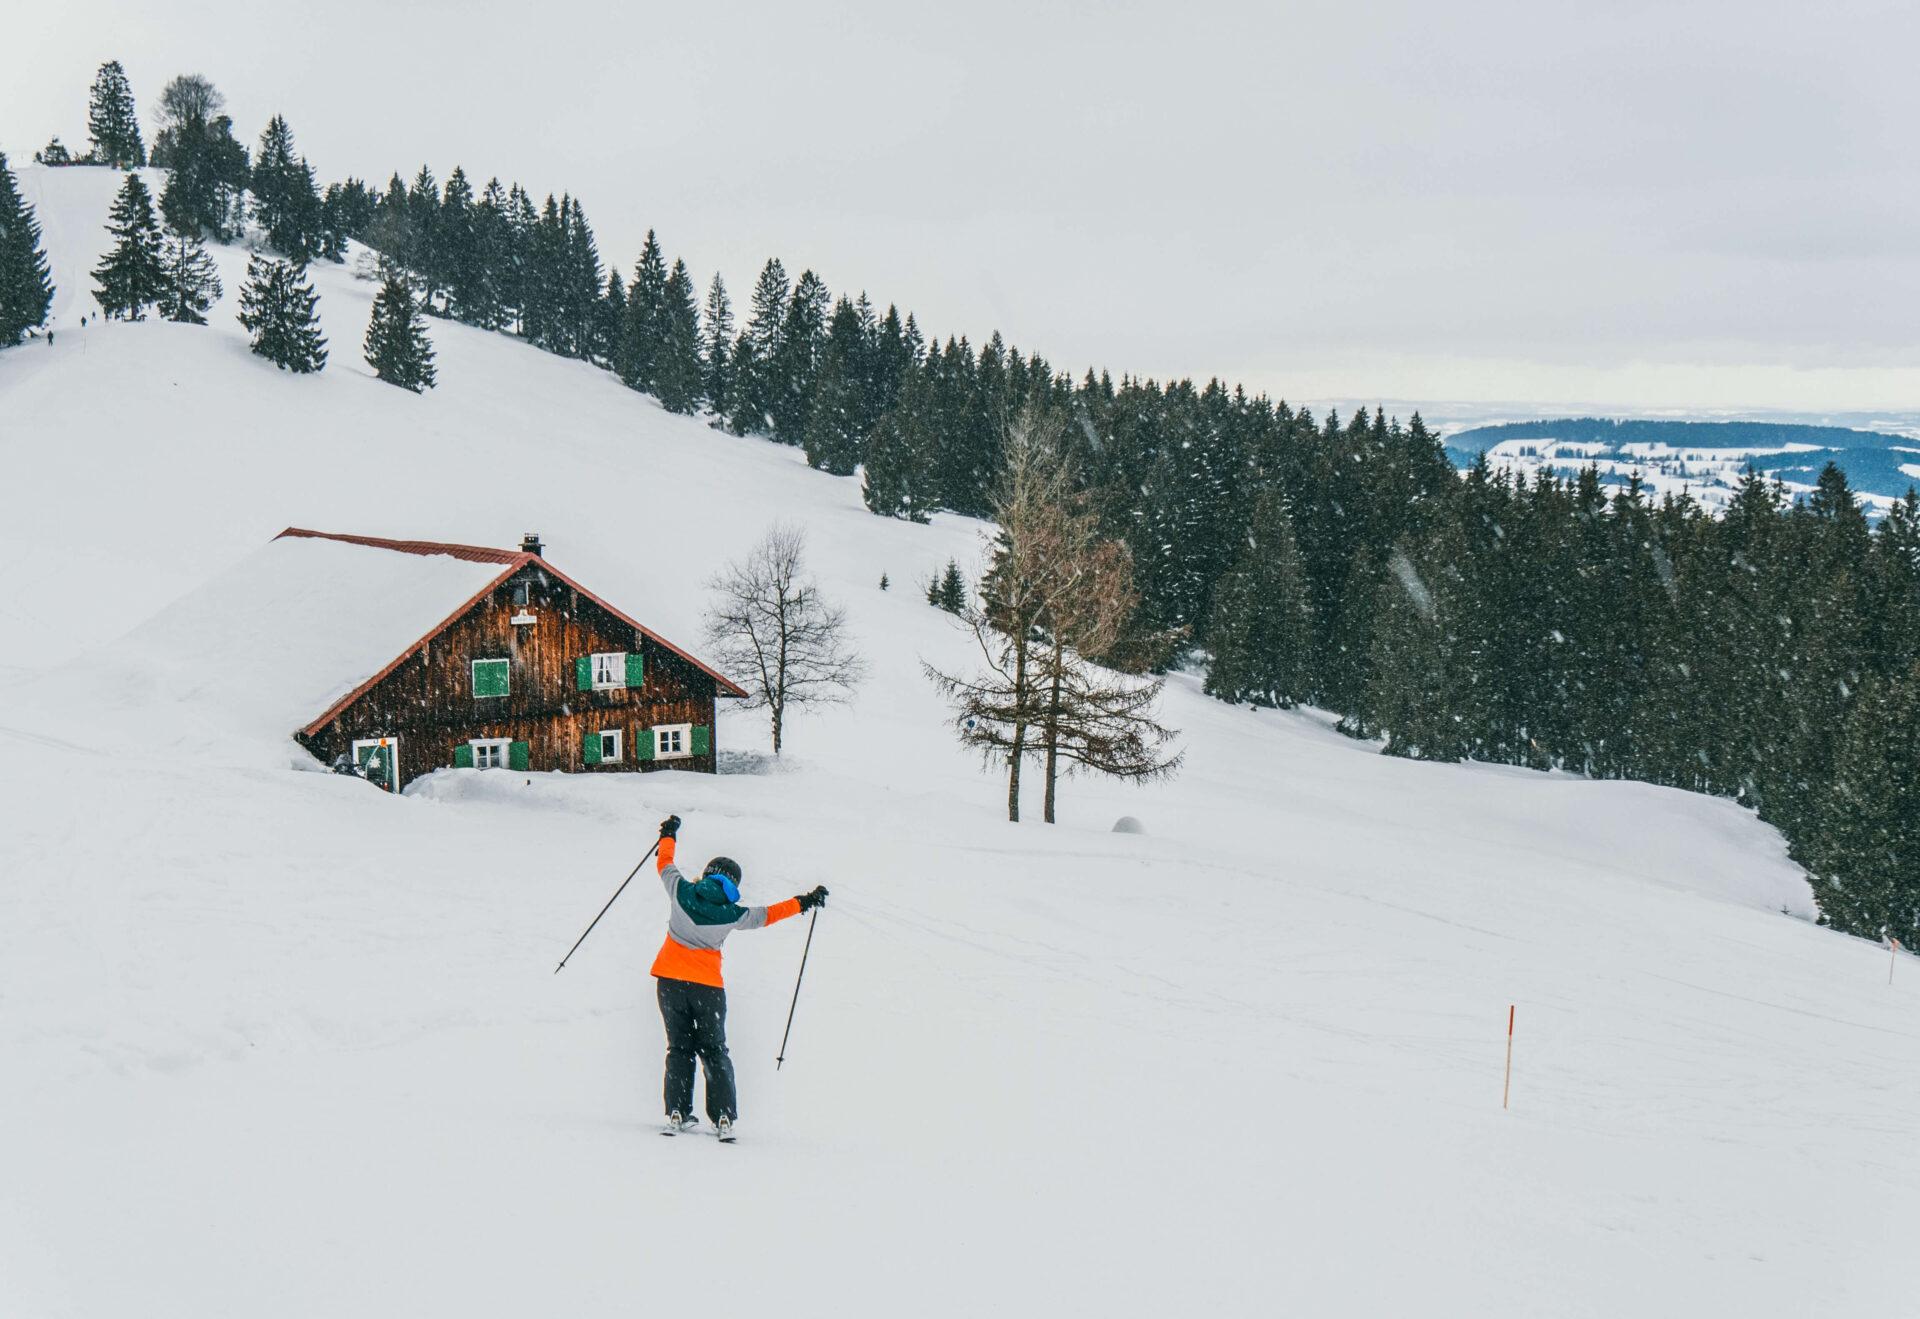 allgäu bayern oberstaufen huendlebahn skigebiet ski-fahren winter schnee berge frau haus